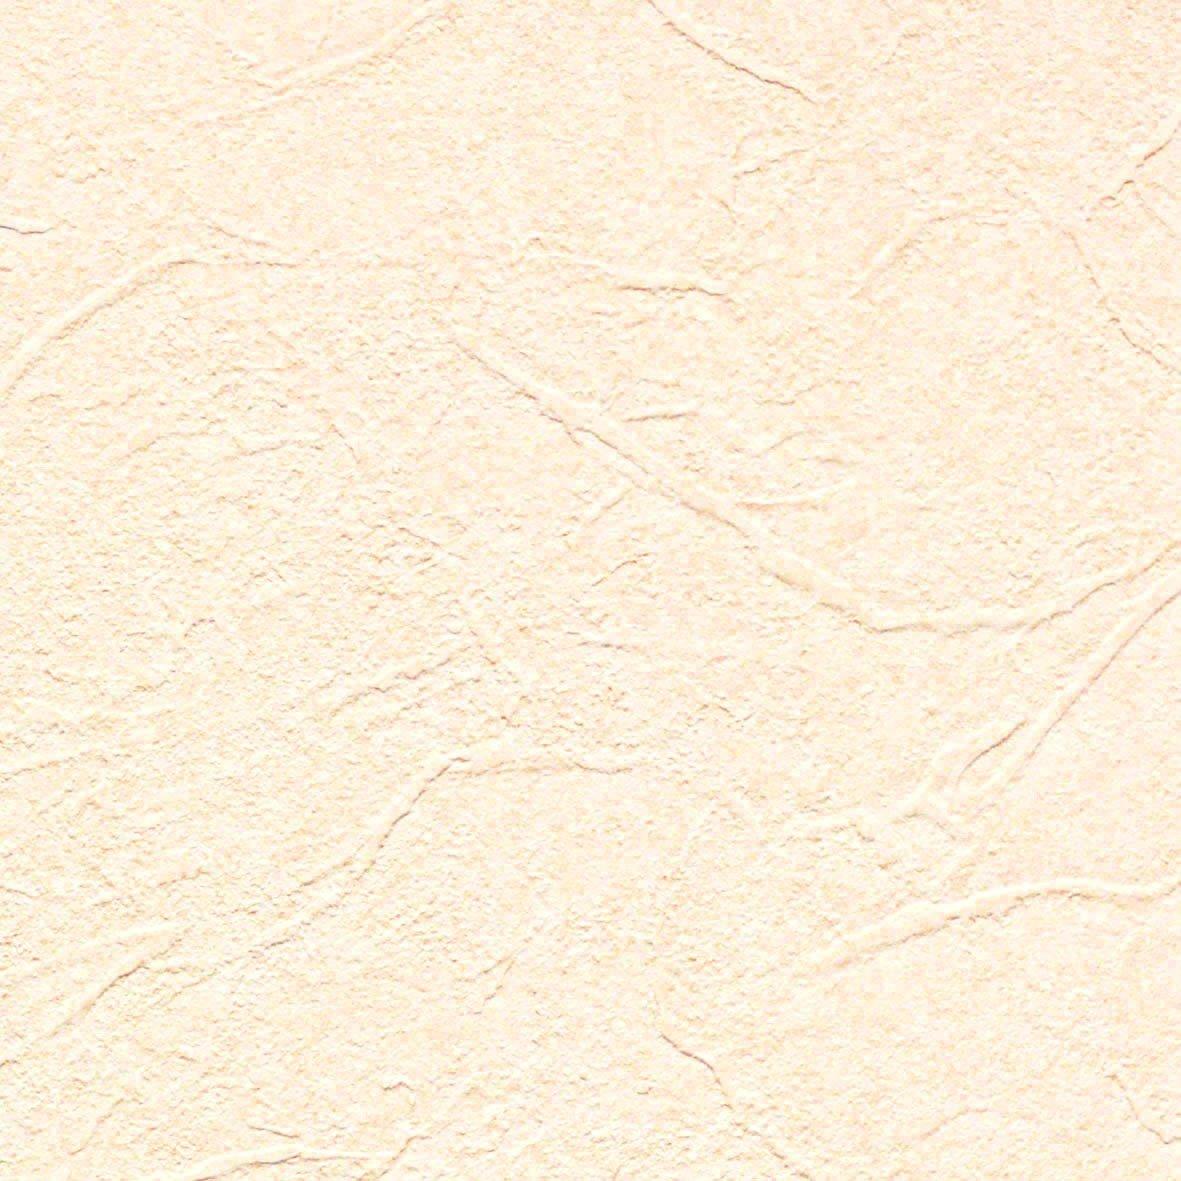 リリカラ 壁紙45m シンフル 石目調 ベージュ LL-8202 B01N3W6Y6F 45m|ベージュ2